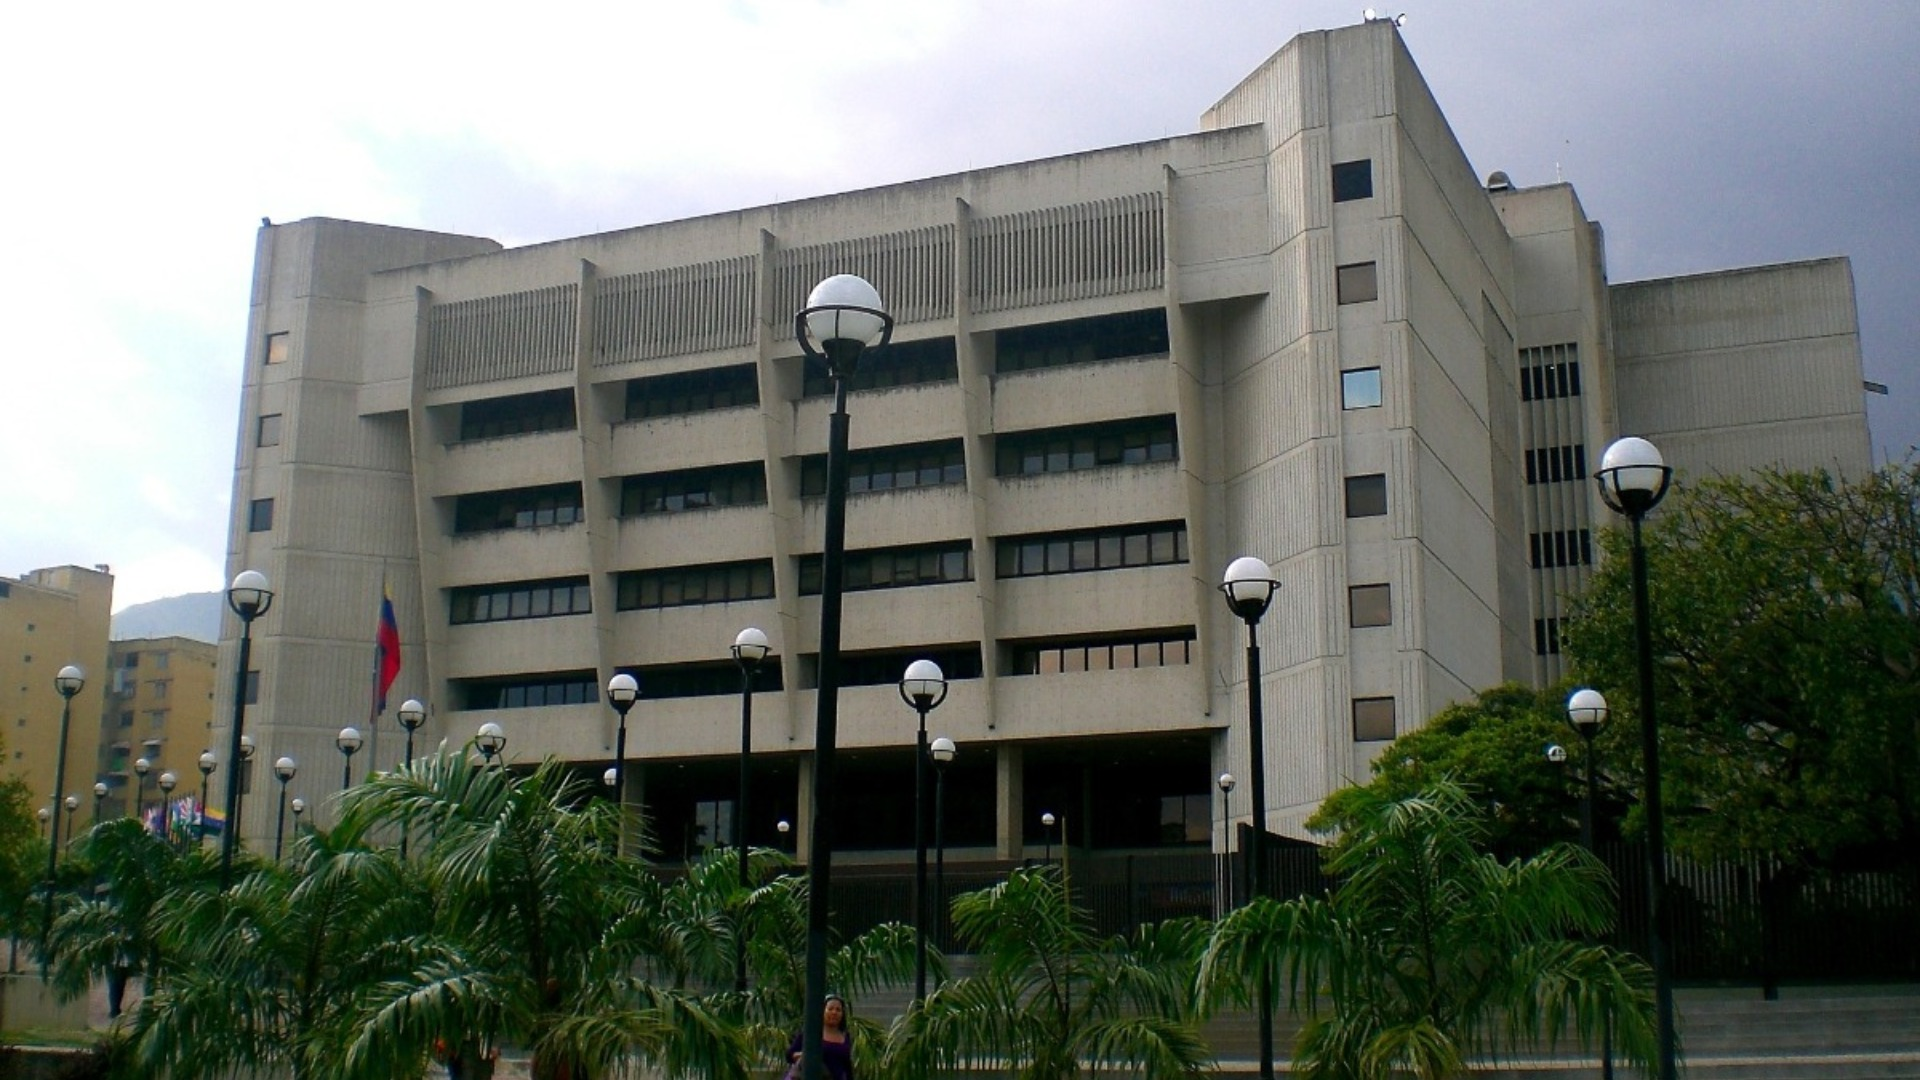 Runrunes de Bocaranda: ALTO – EL AÑO JUDICIAL